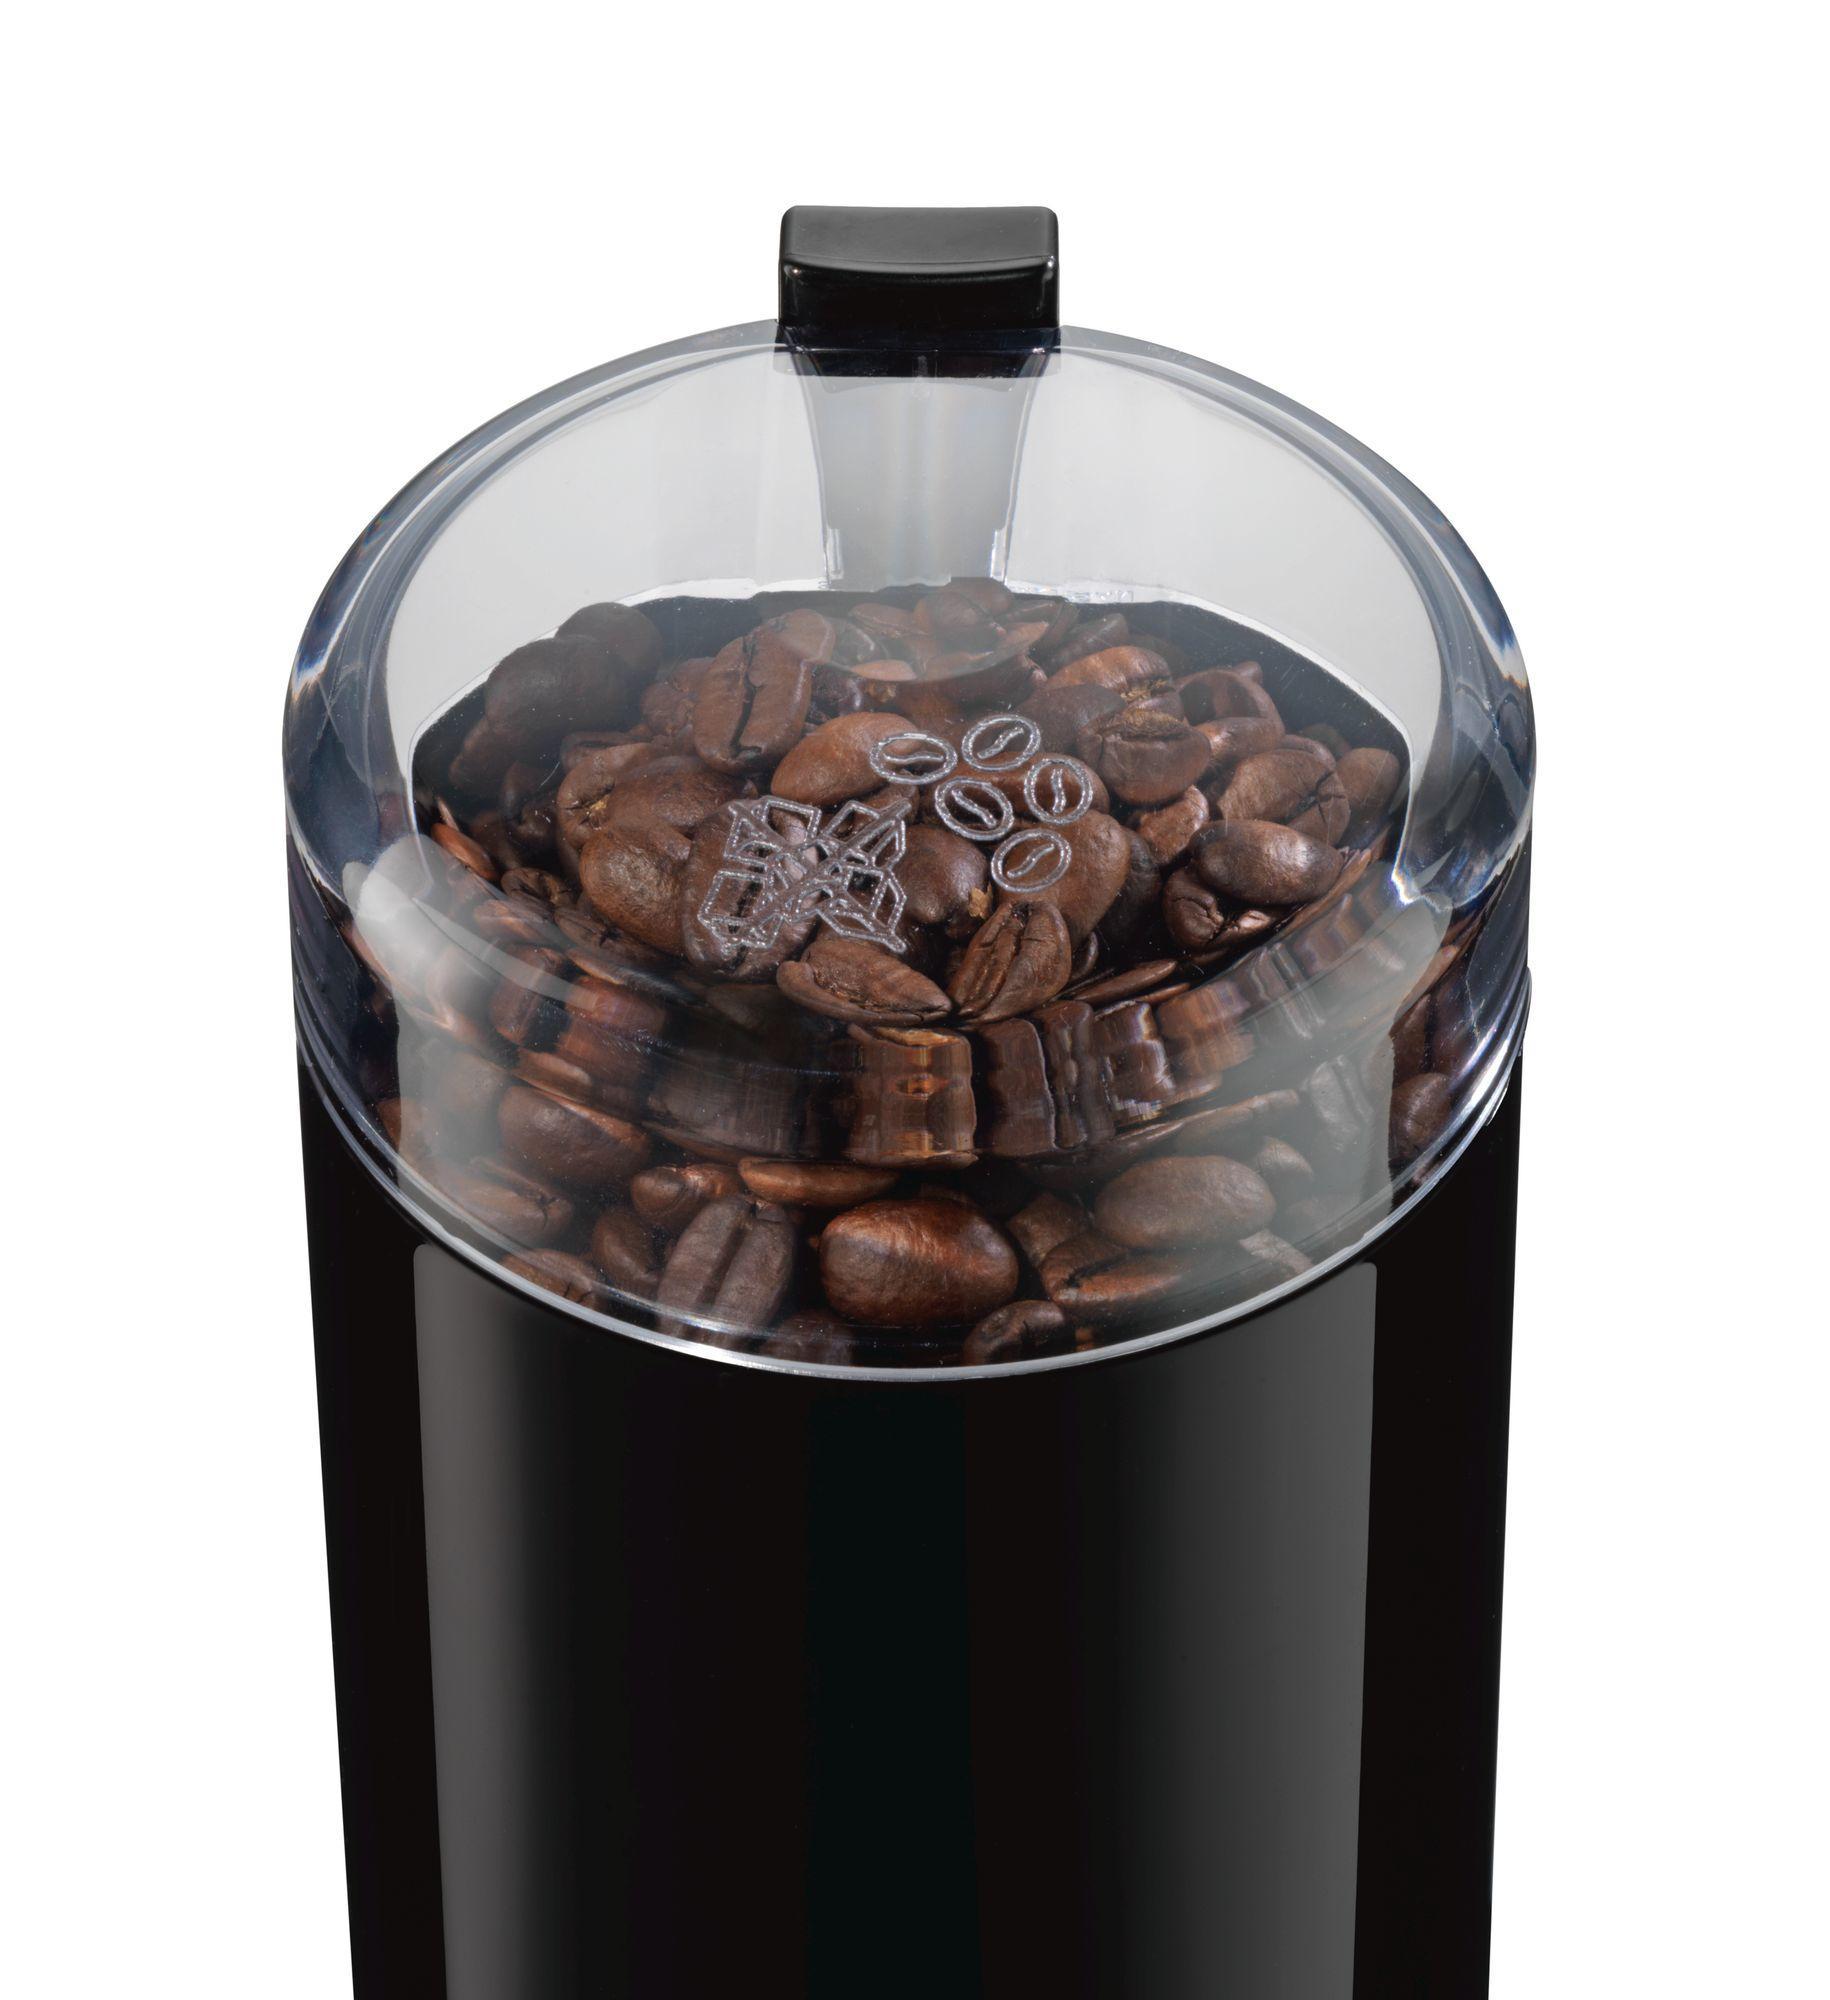 TSM6A013B appareil à moudre le café Moulin à café Noir 180 W